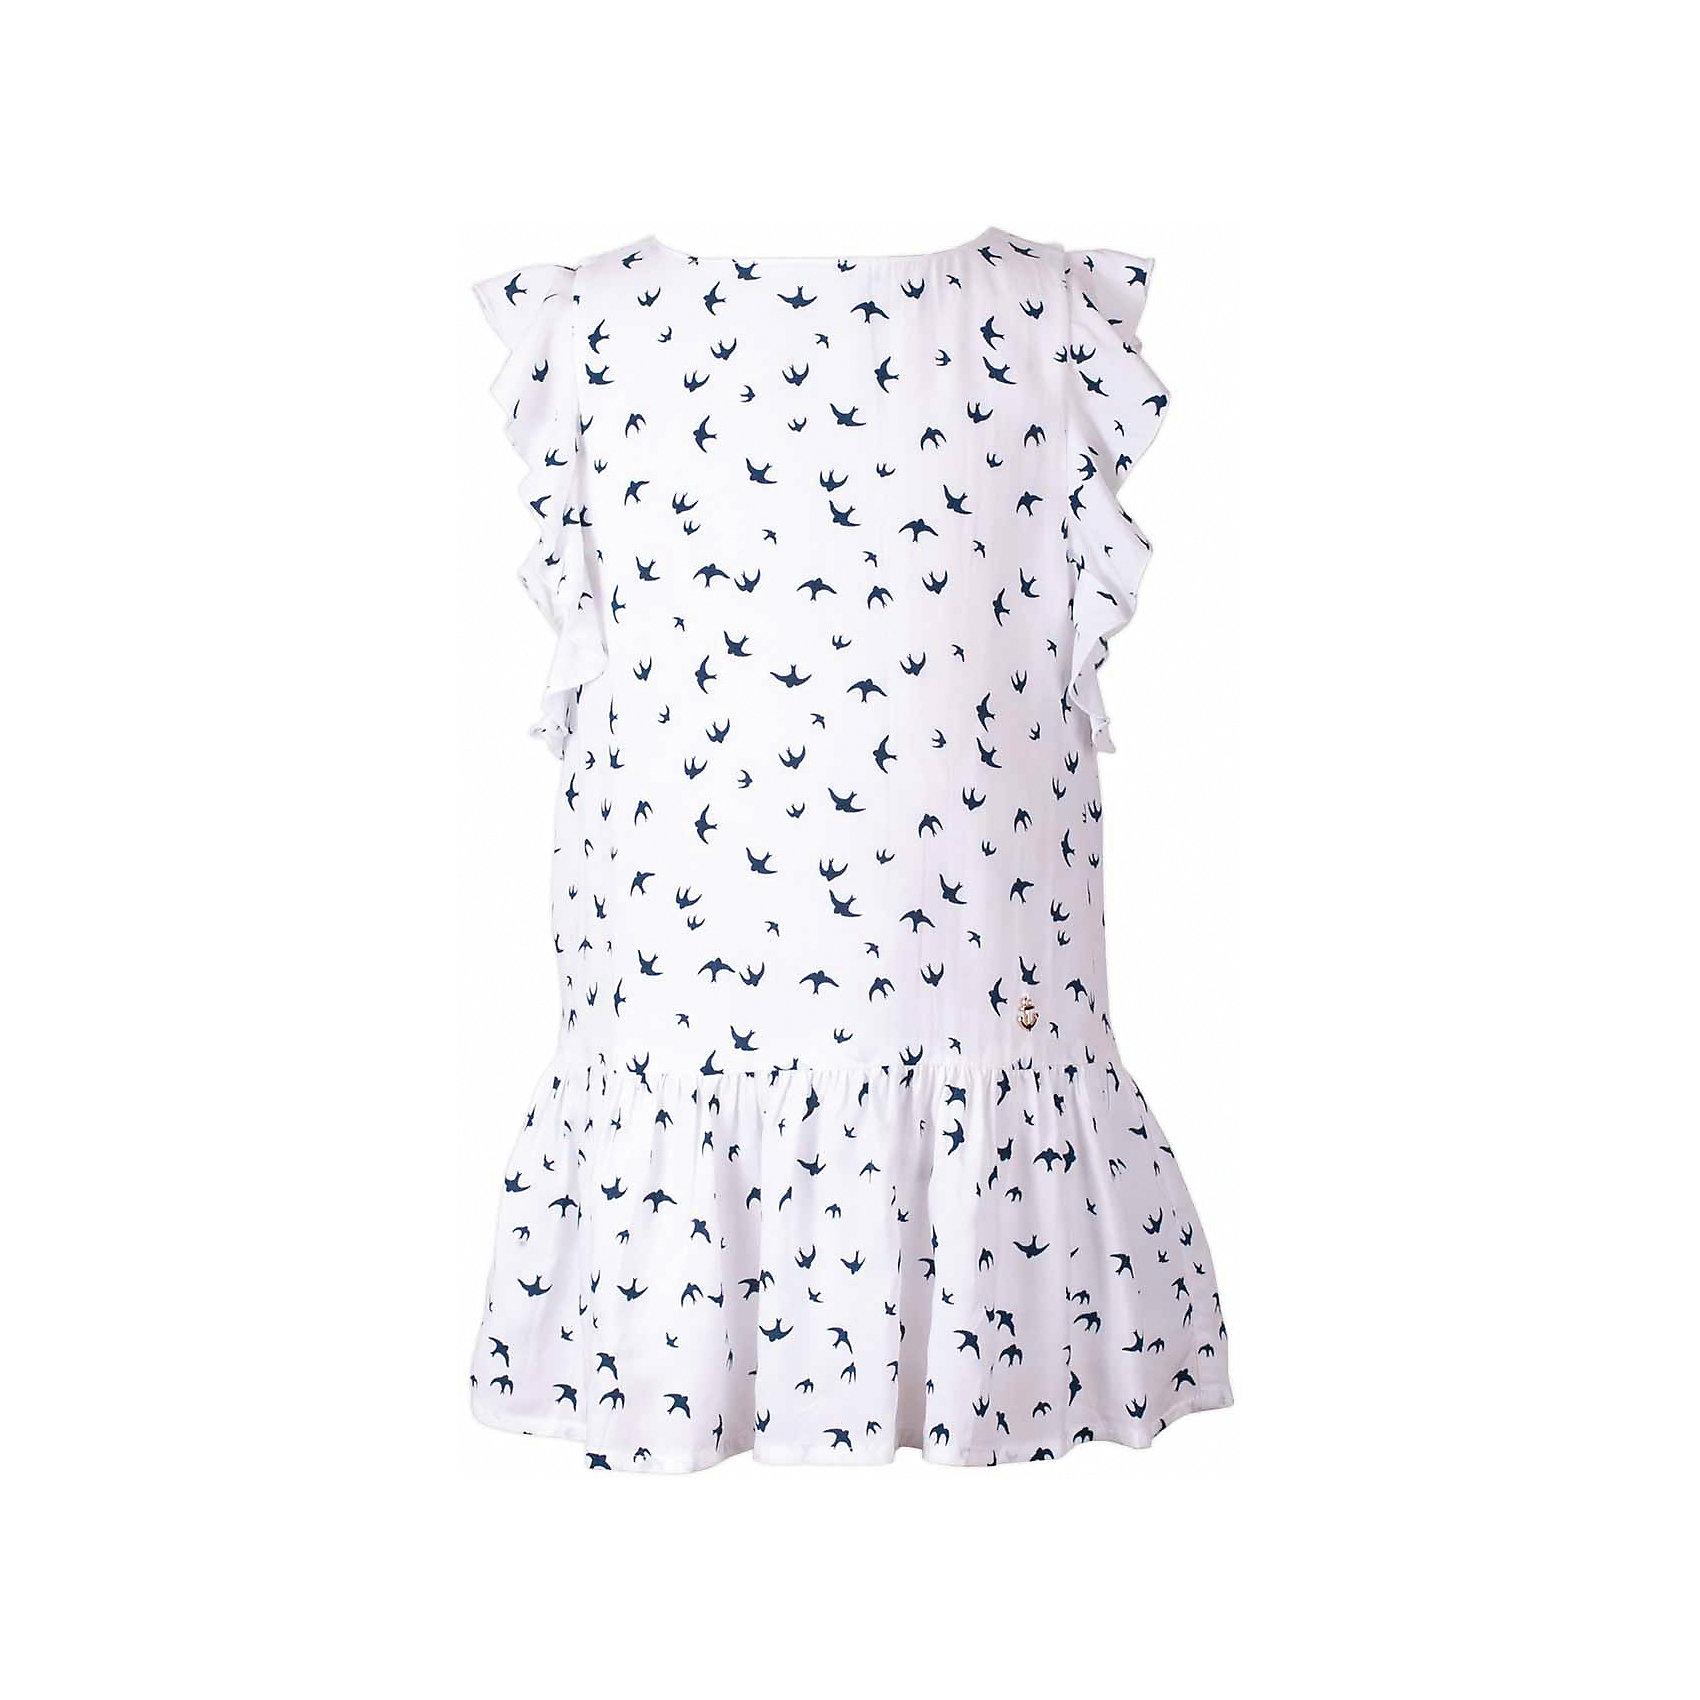 Платье для девочки  BUTTON BLUEПлатья и сарафаны<br>Платье для девочки  BUTTON BLUE<br>Прекрасный летний вариант -  текстильное платье с рисунком на тонкой хлопковой подкладке. Модный силуэт, комфортная форма, выразительные детали делают платье для девочки отличным решением для каждого дня лета. Если вы хотите приобрести одновременно и красивую, и практичную, и удобную вещь, вам стоит купить детское платье от Button Blue. Низкая цена не окажет влияния на бюджет семьи, позволив создать интересный базовый гардероб для долгожданных каникул!<br>Состав:<br>Ткань  верха: 100%  вискоза подклад: 100% хлопок<br><br>Ширина мм: 236<br>Глубина мм: 16<br>Высота мм: 184<br>Вес г: 177<br>Цвет: разноцветный<br>Возраст от месяцев: 144<br>Возраст до месяцев: 156<br>Пол: Женский<br>Возраст: Детский<br>Размер: 158,98,104,110,116,122,128,134,140<br>SKU: 5523343